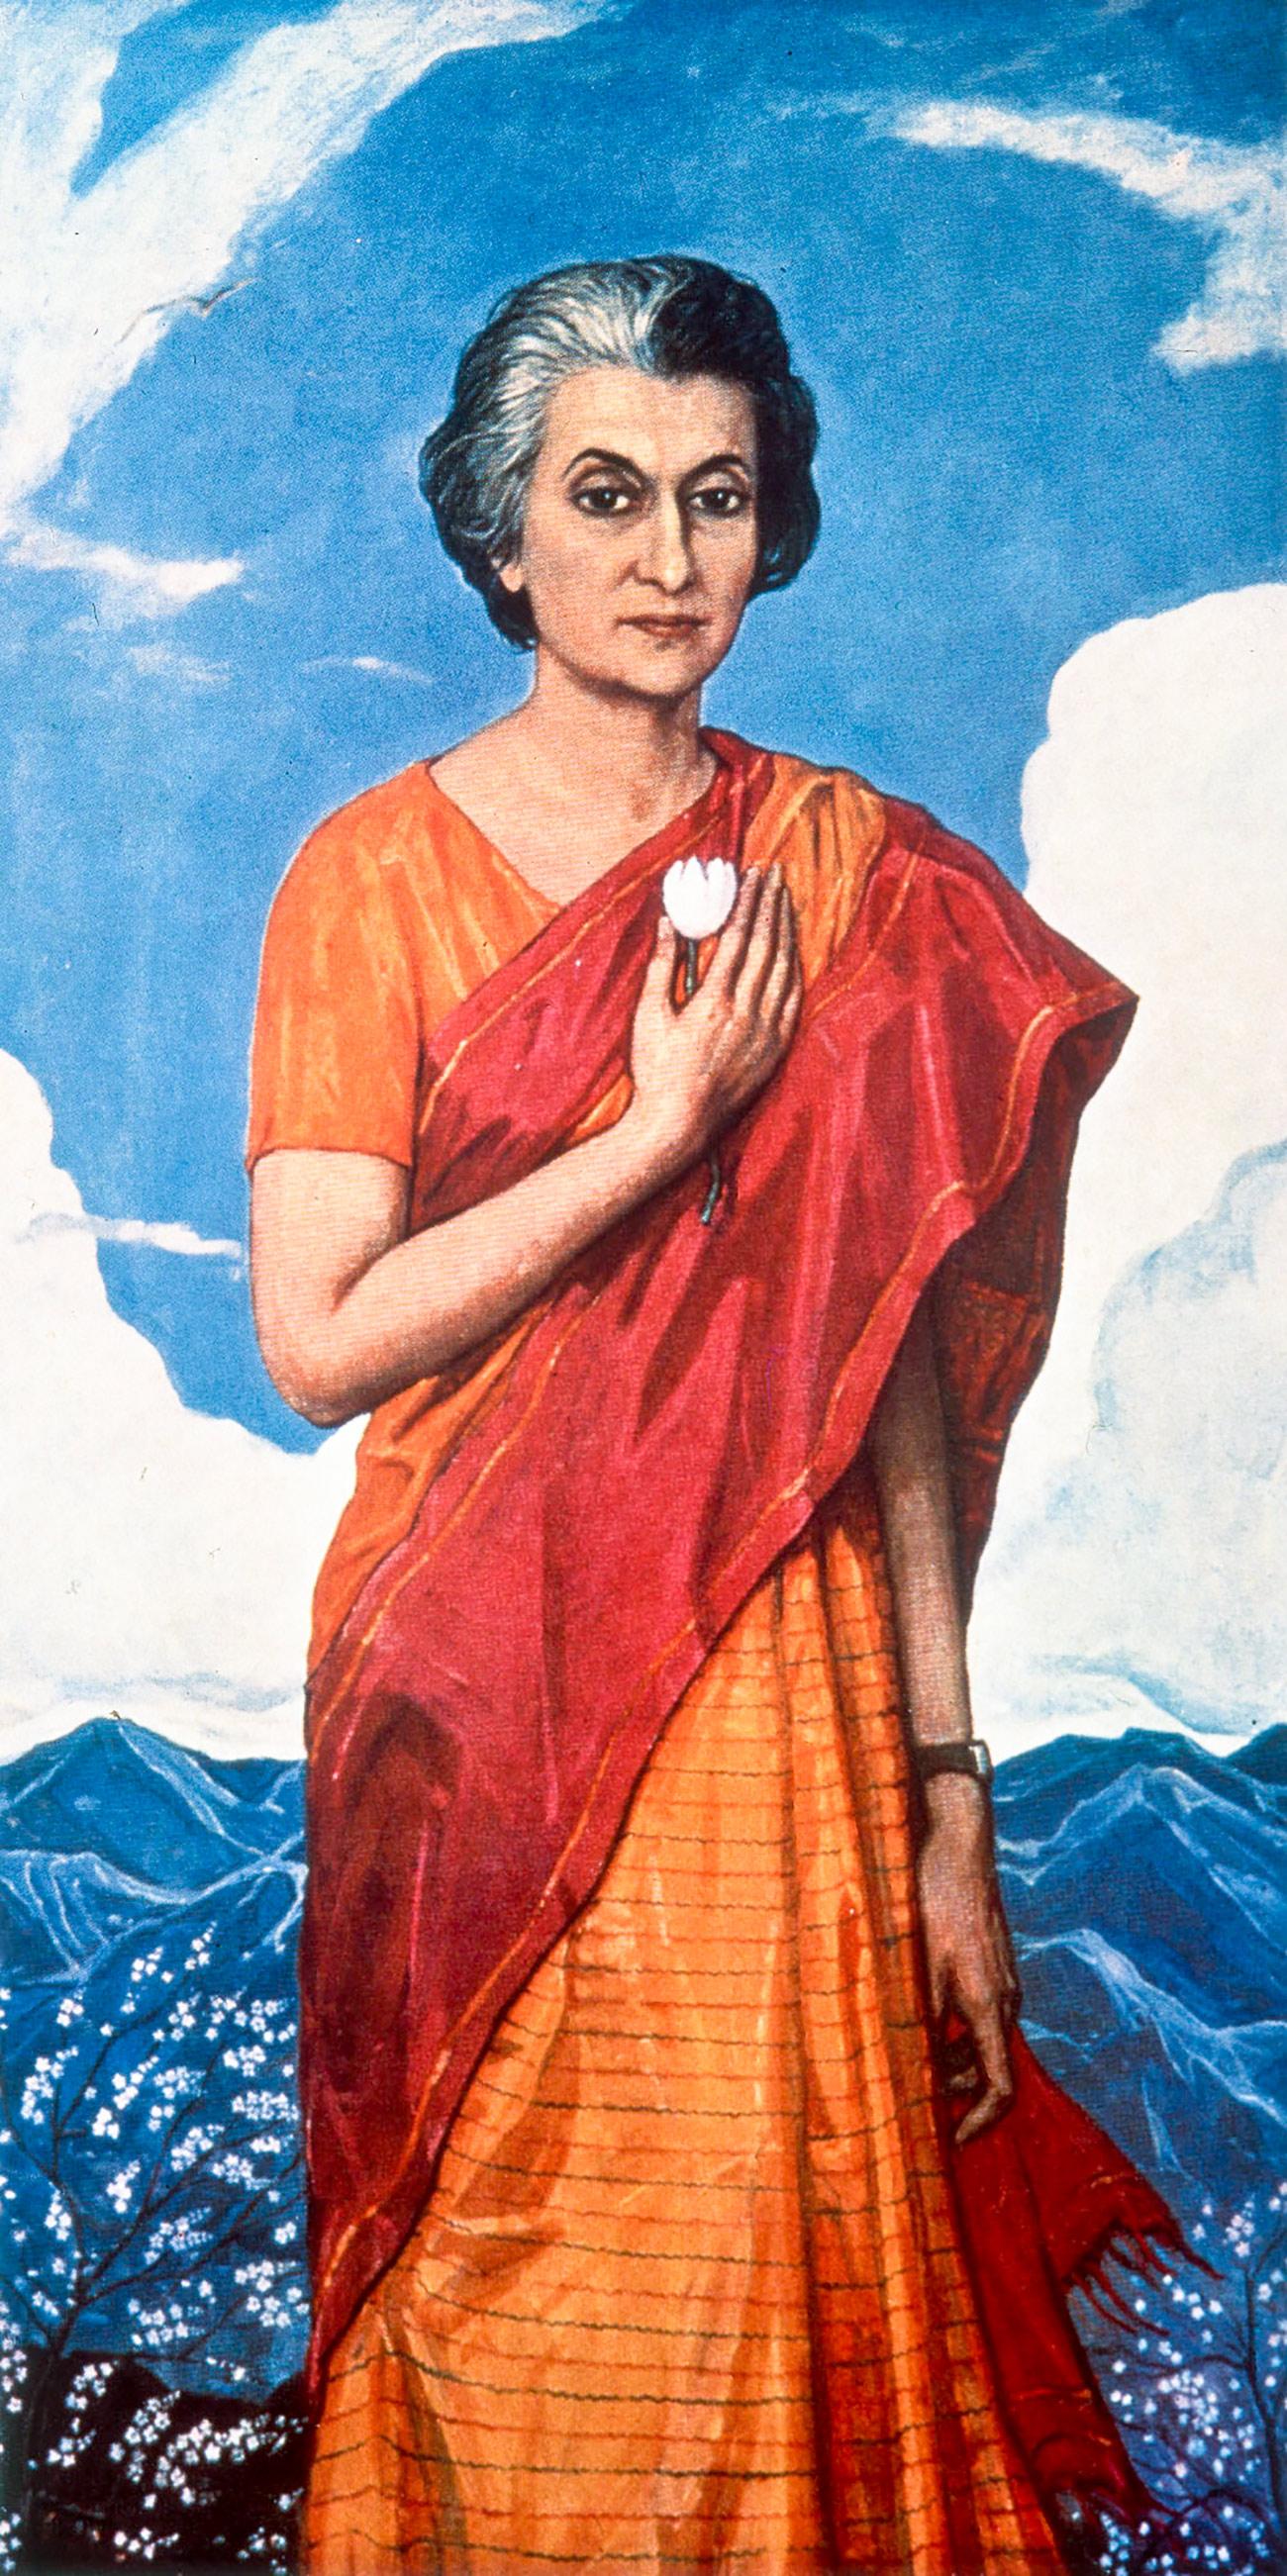 ... па до Индире Ганди.(Слика: Портрет премијера Индије Индире Ганди, 1973. година)